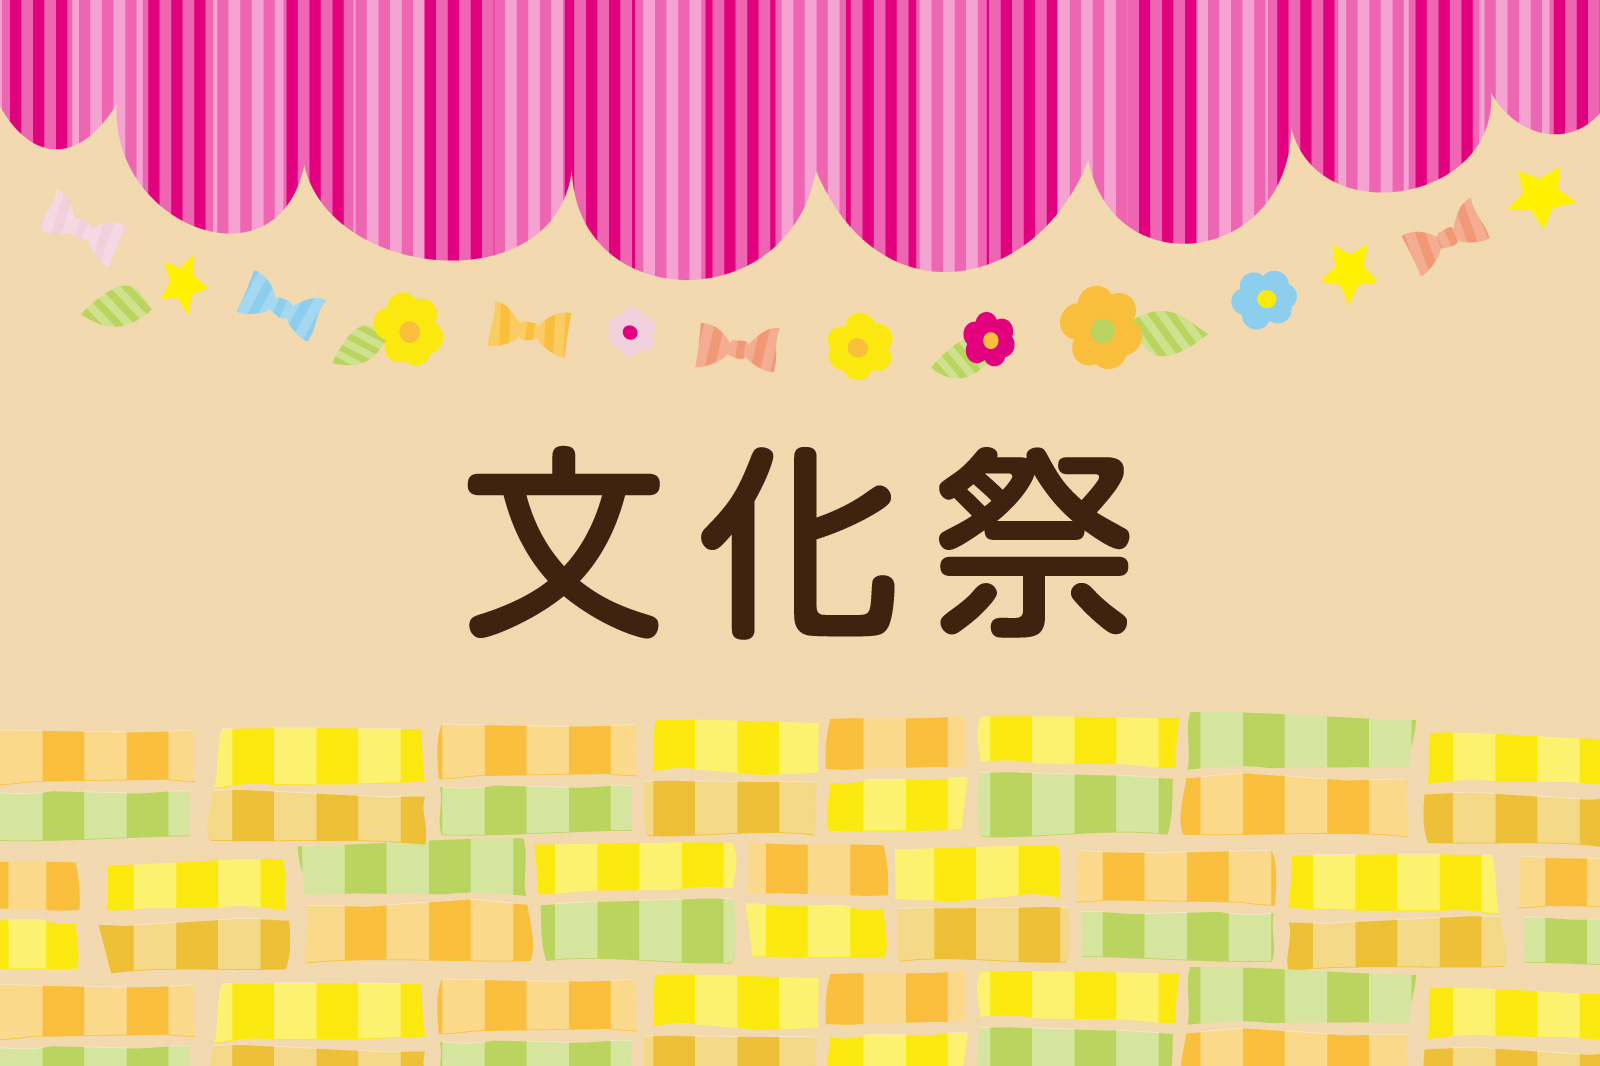 文化祭・・・近畿大学附属中学校 11/3